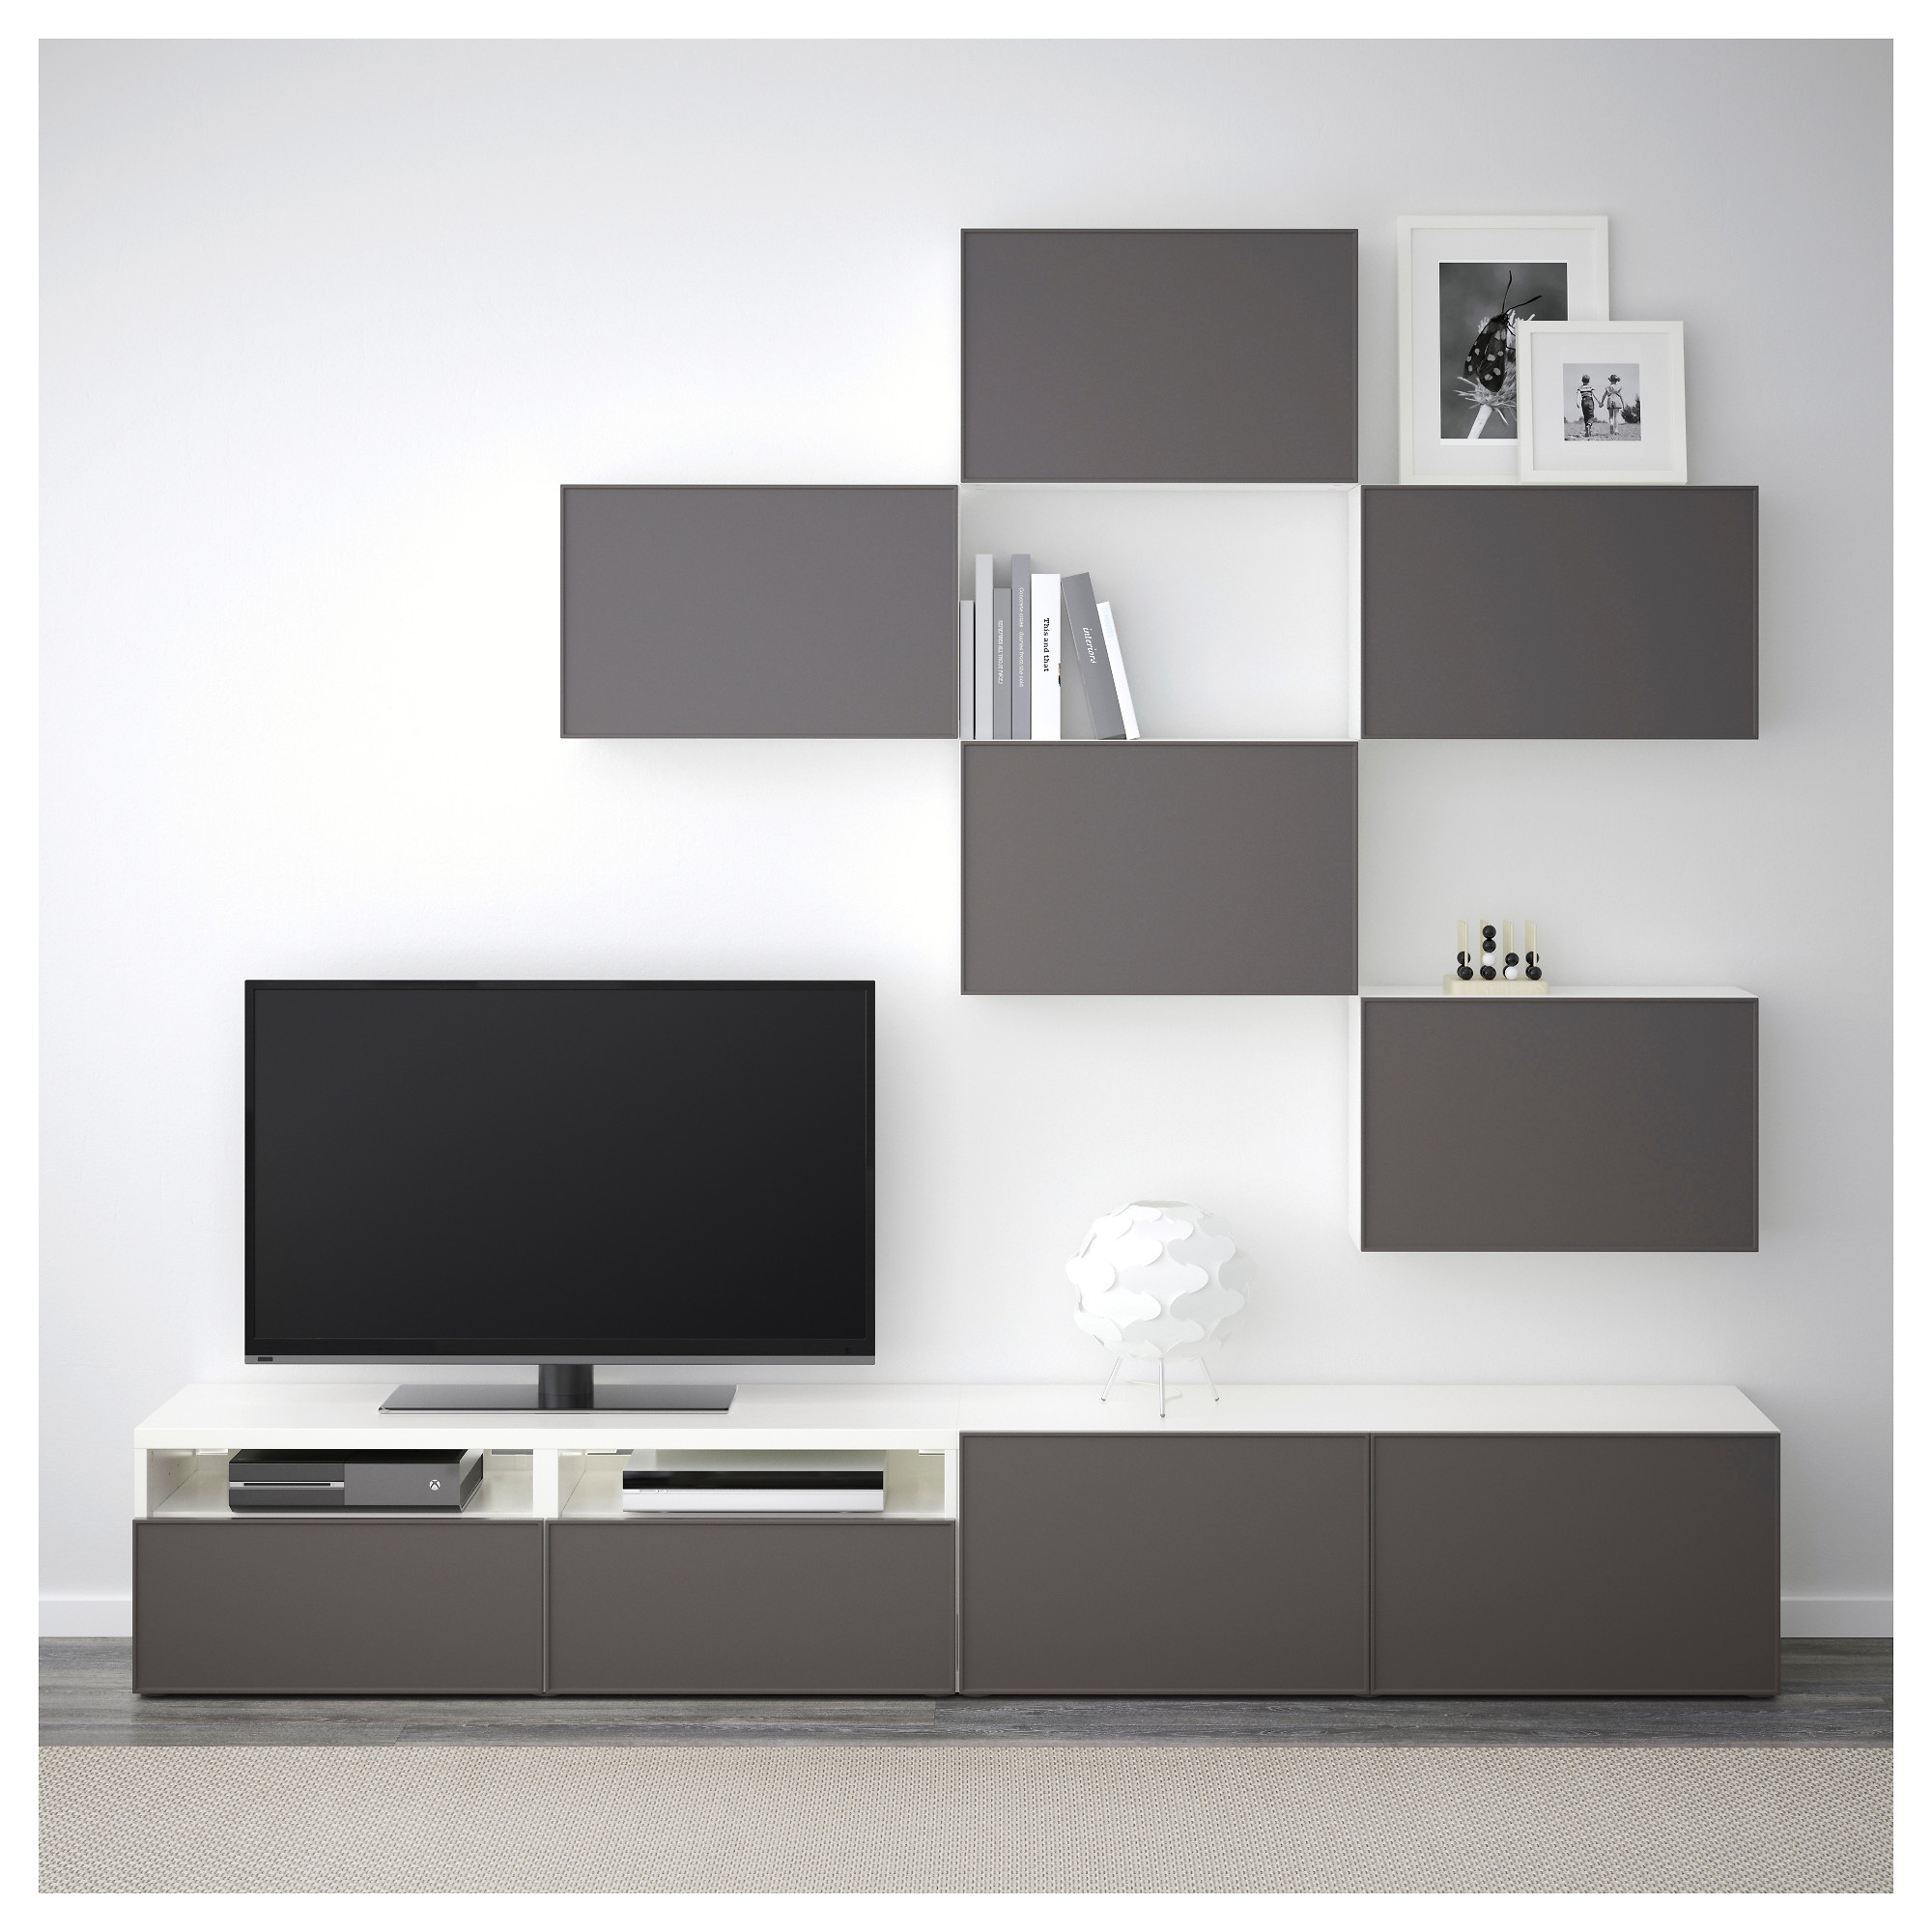 Шкаф для ТВ, комбинация БЕСТО темно-серый артикуль № 292.516.44 в наличии. Онлайн сайт IKEA Республика Беларусь. Быстрая доставка и монтаж.